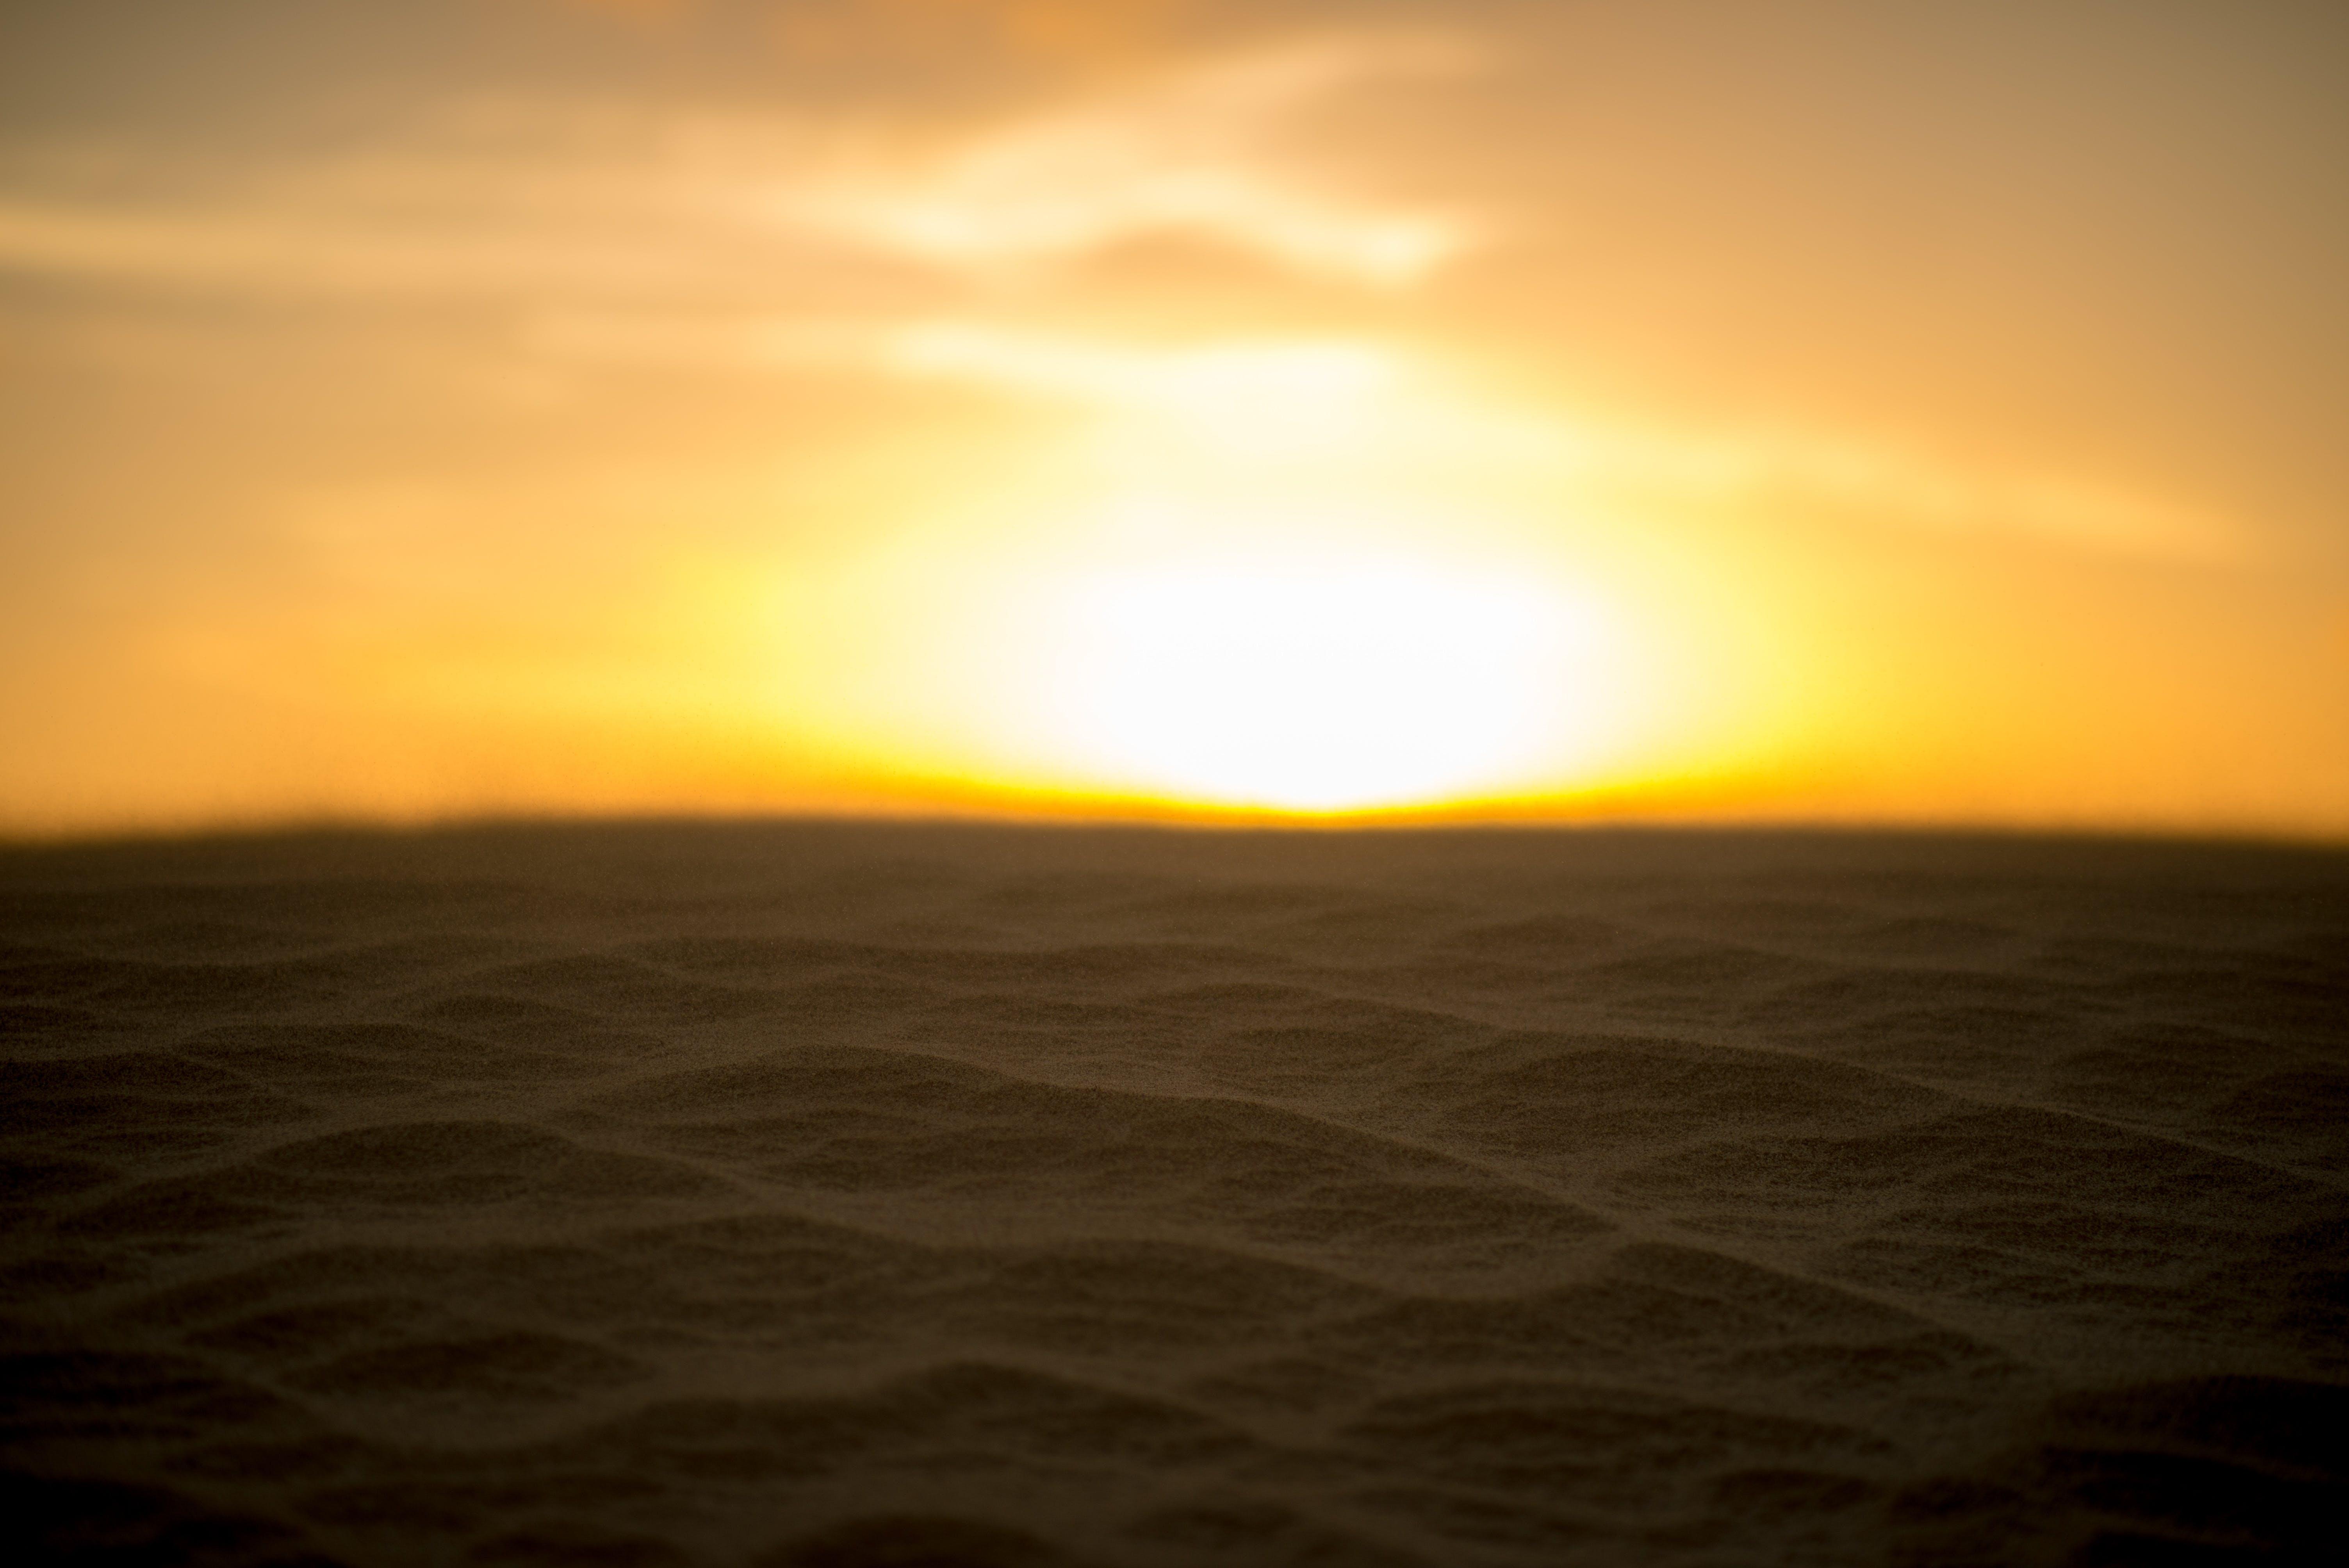 Free stock photo of sand, sun, sunset